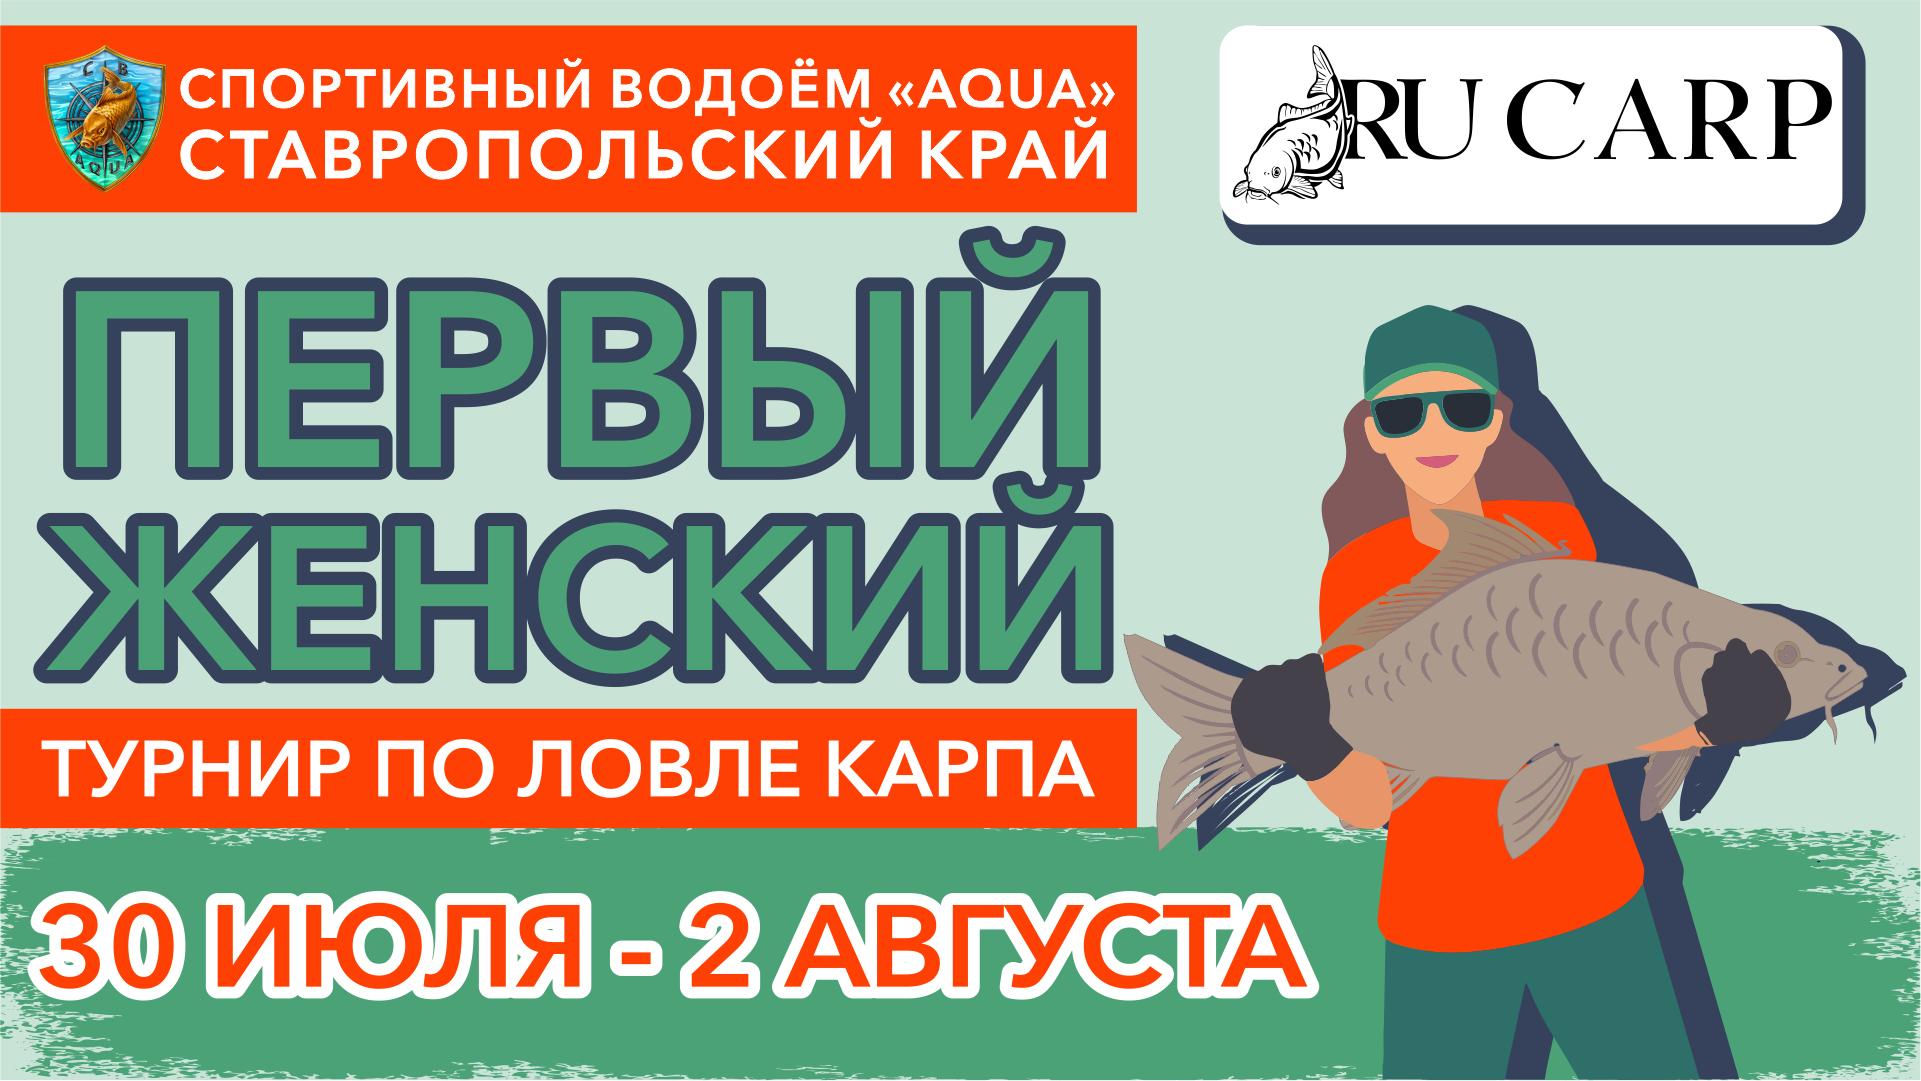 Турнир «Первый женский» по ловле карпа в России